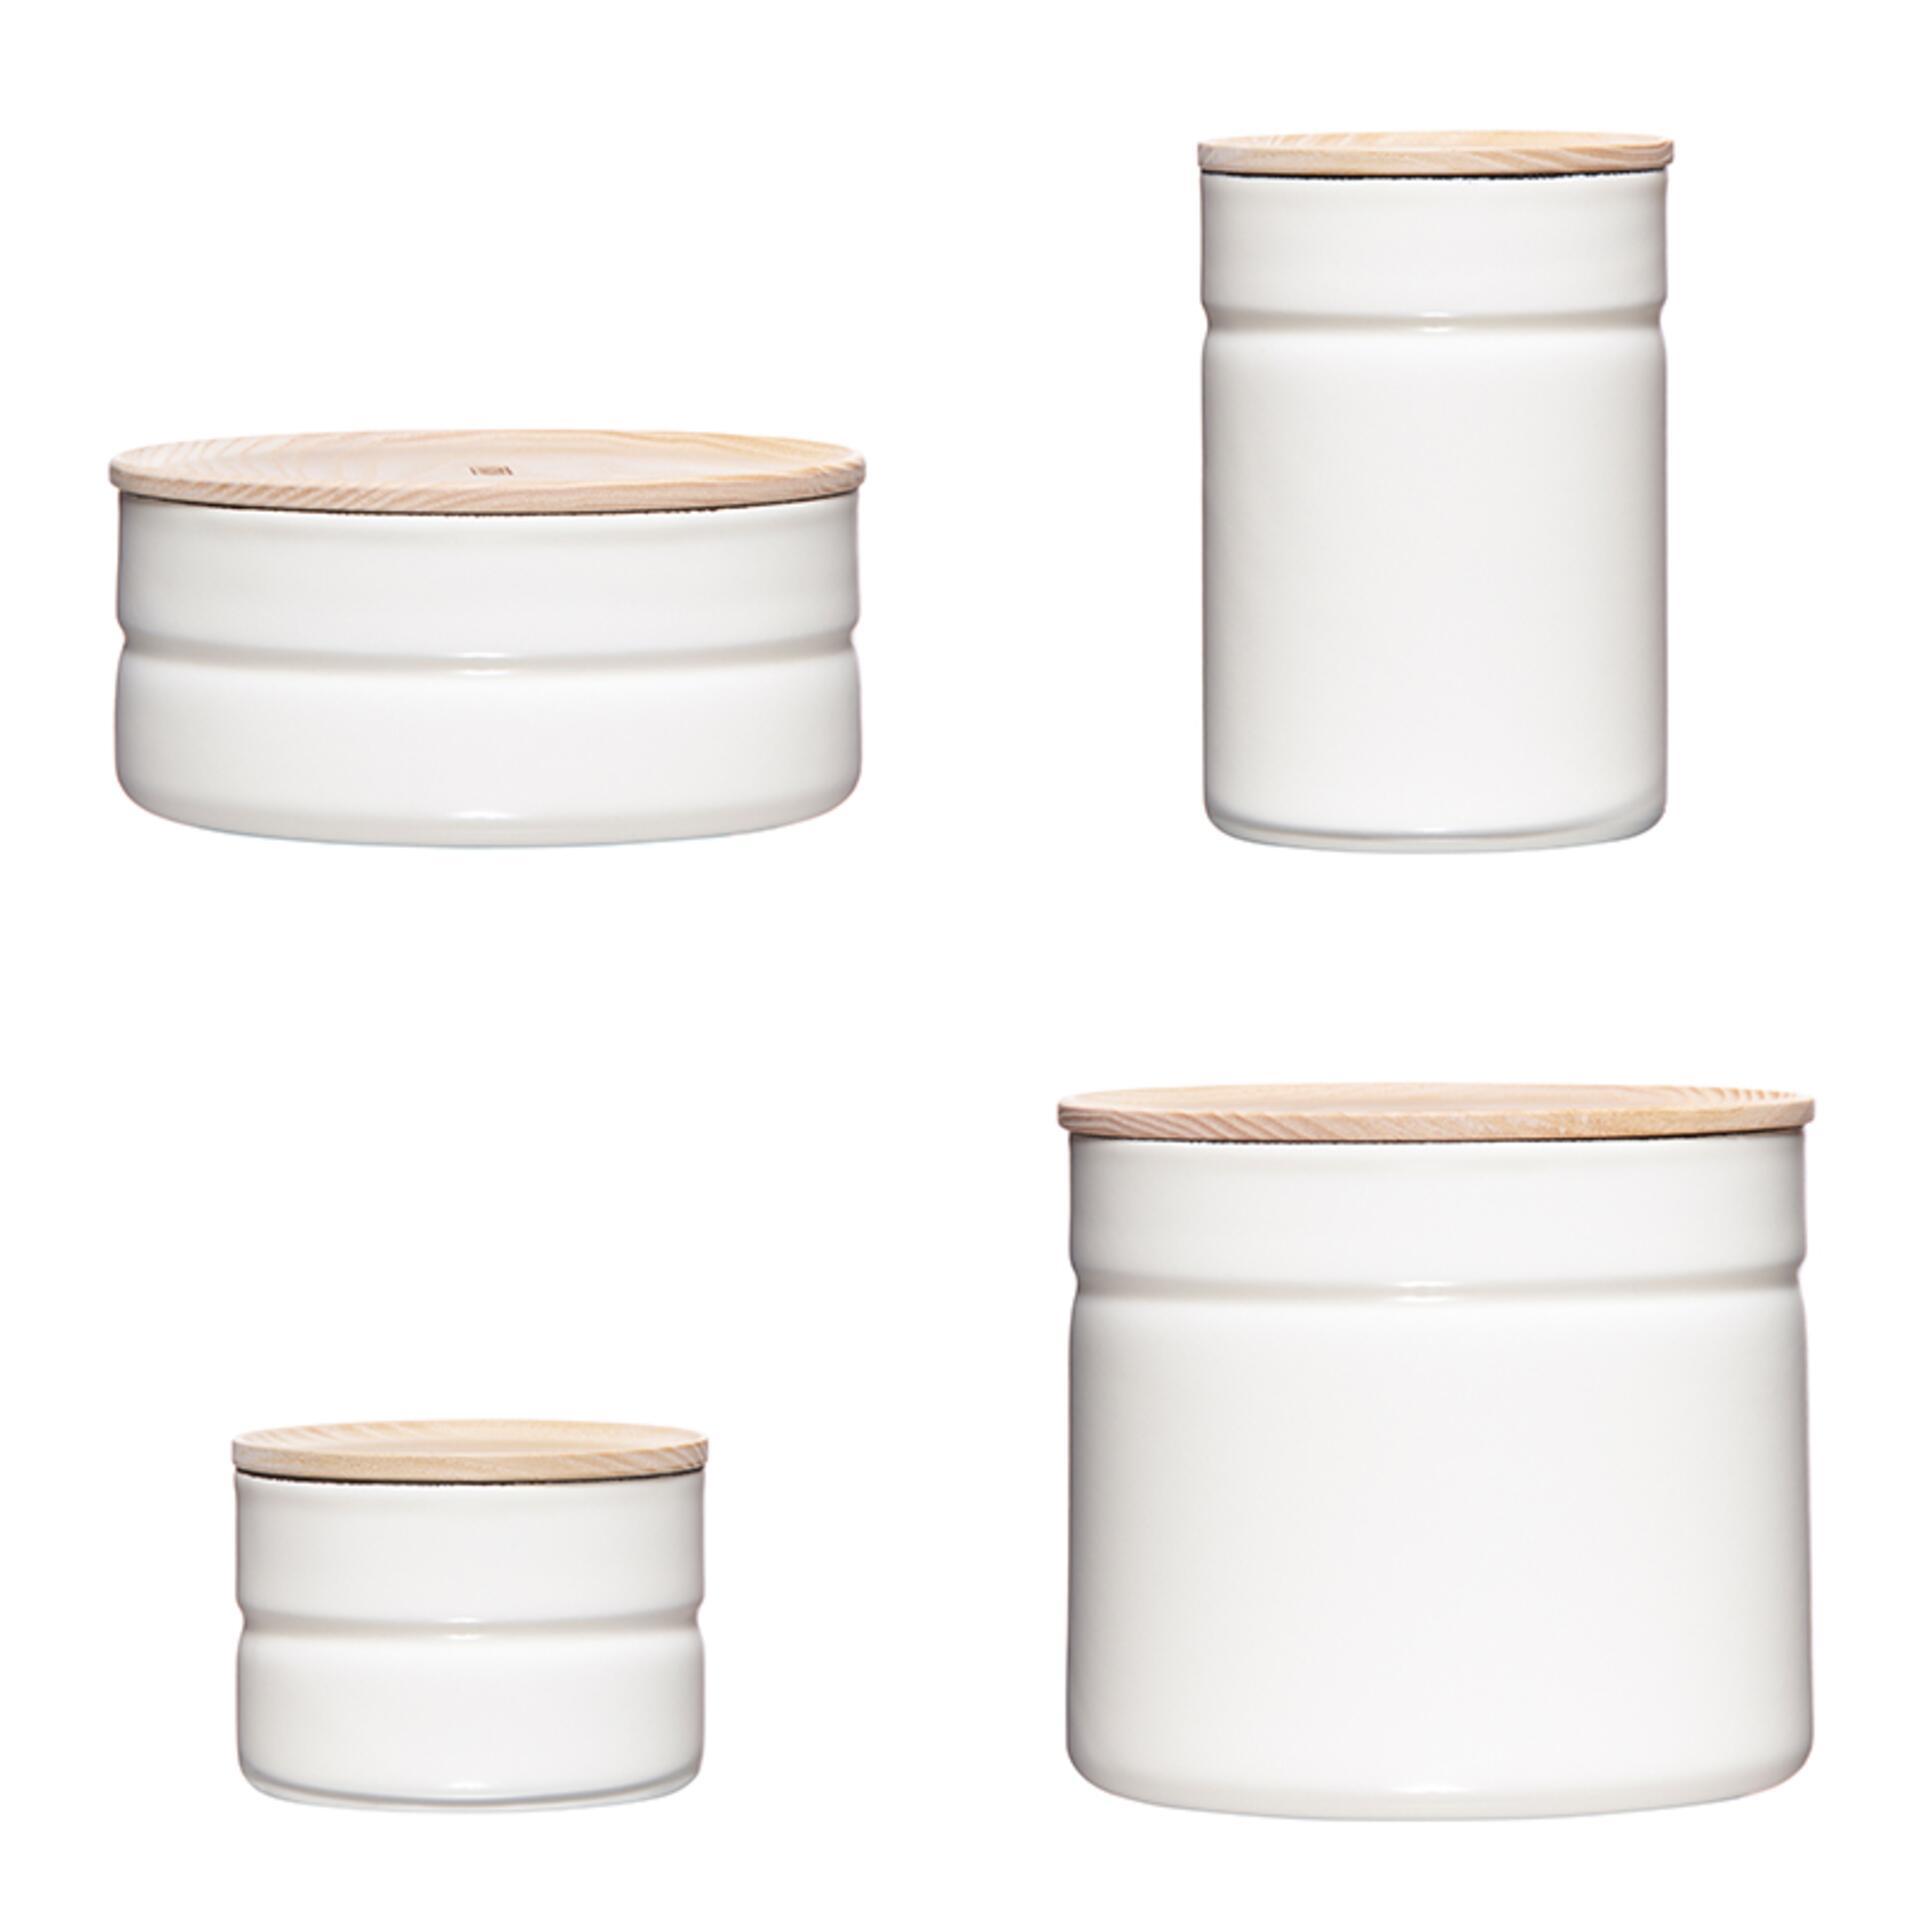 Riess Vorratsdosen Set Weiß